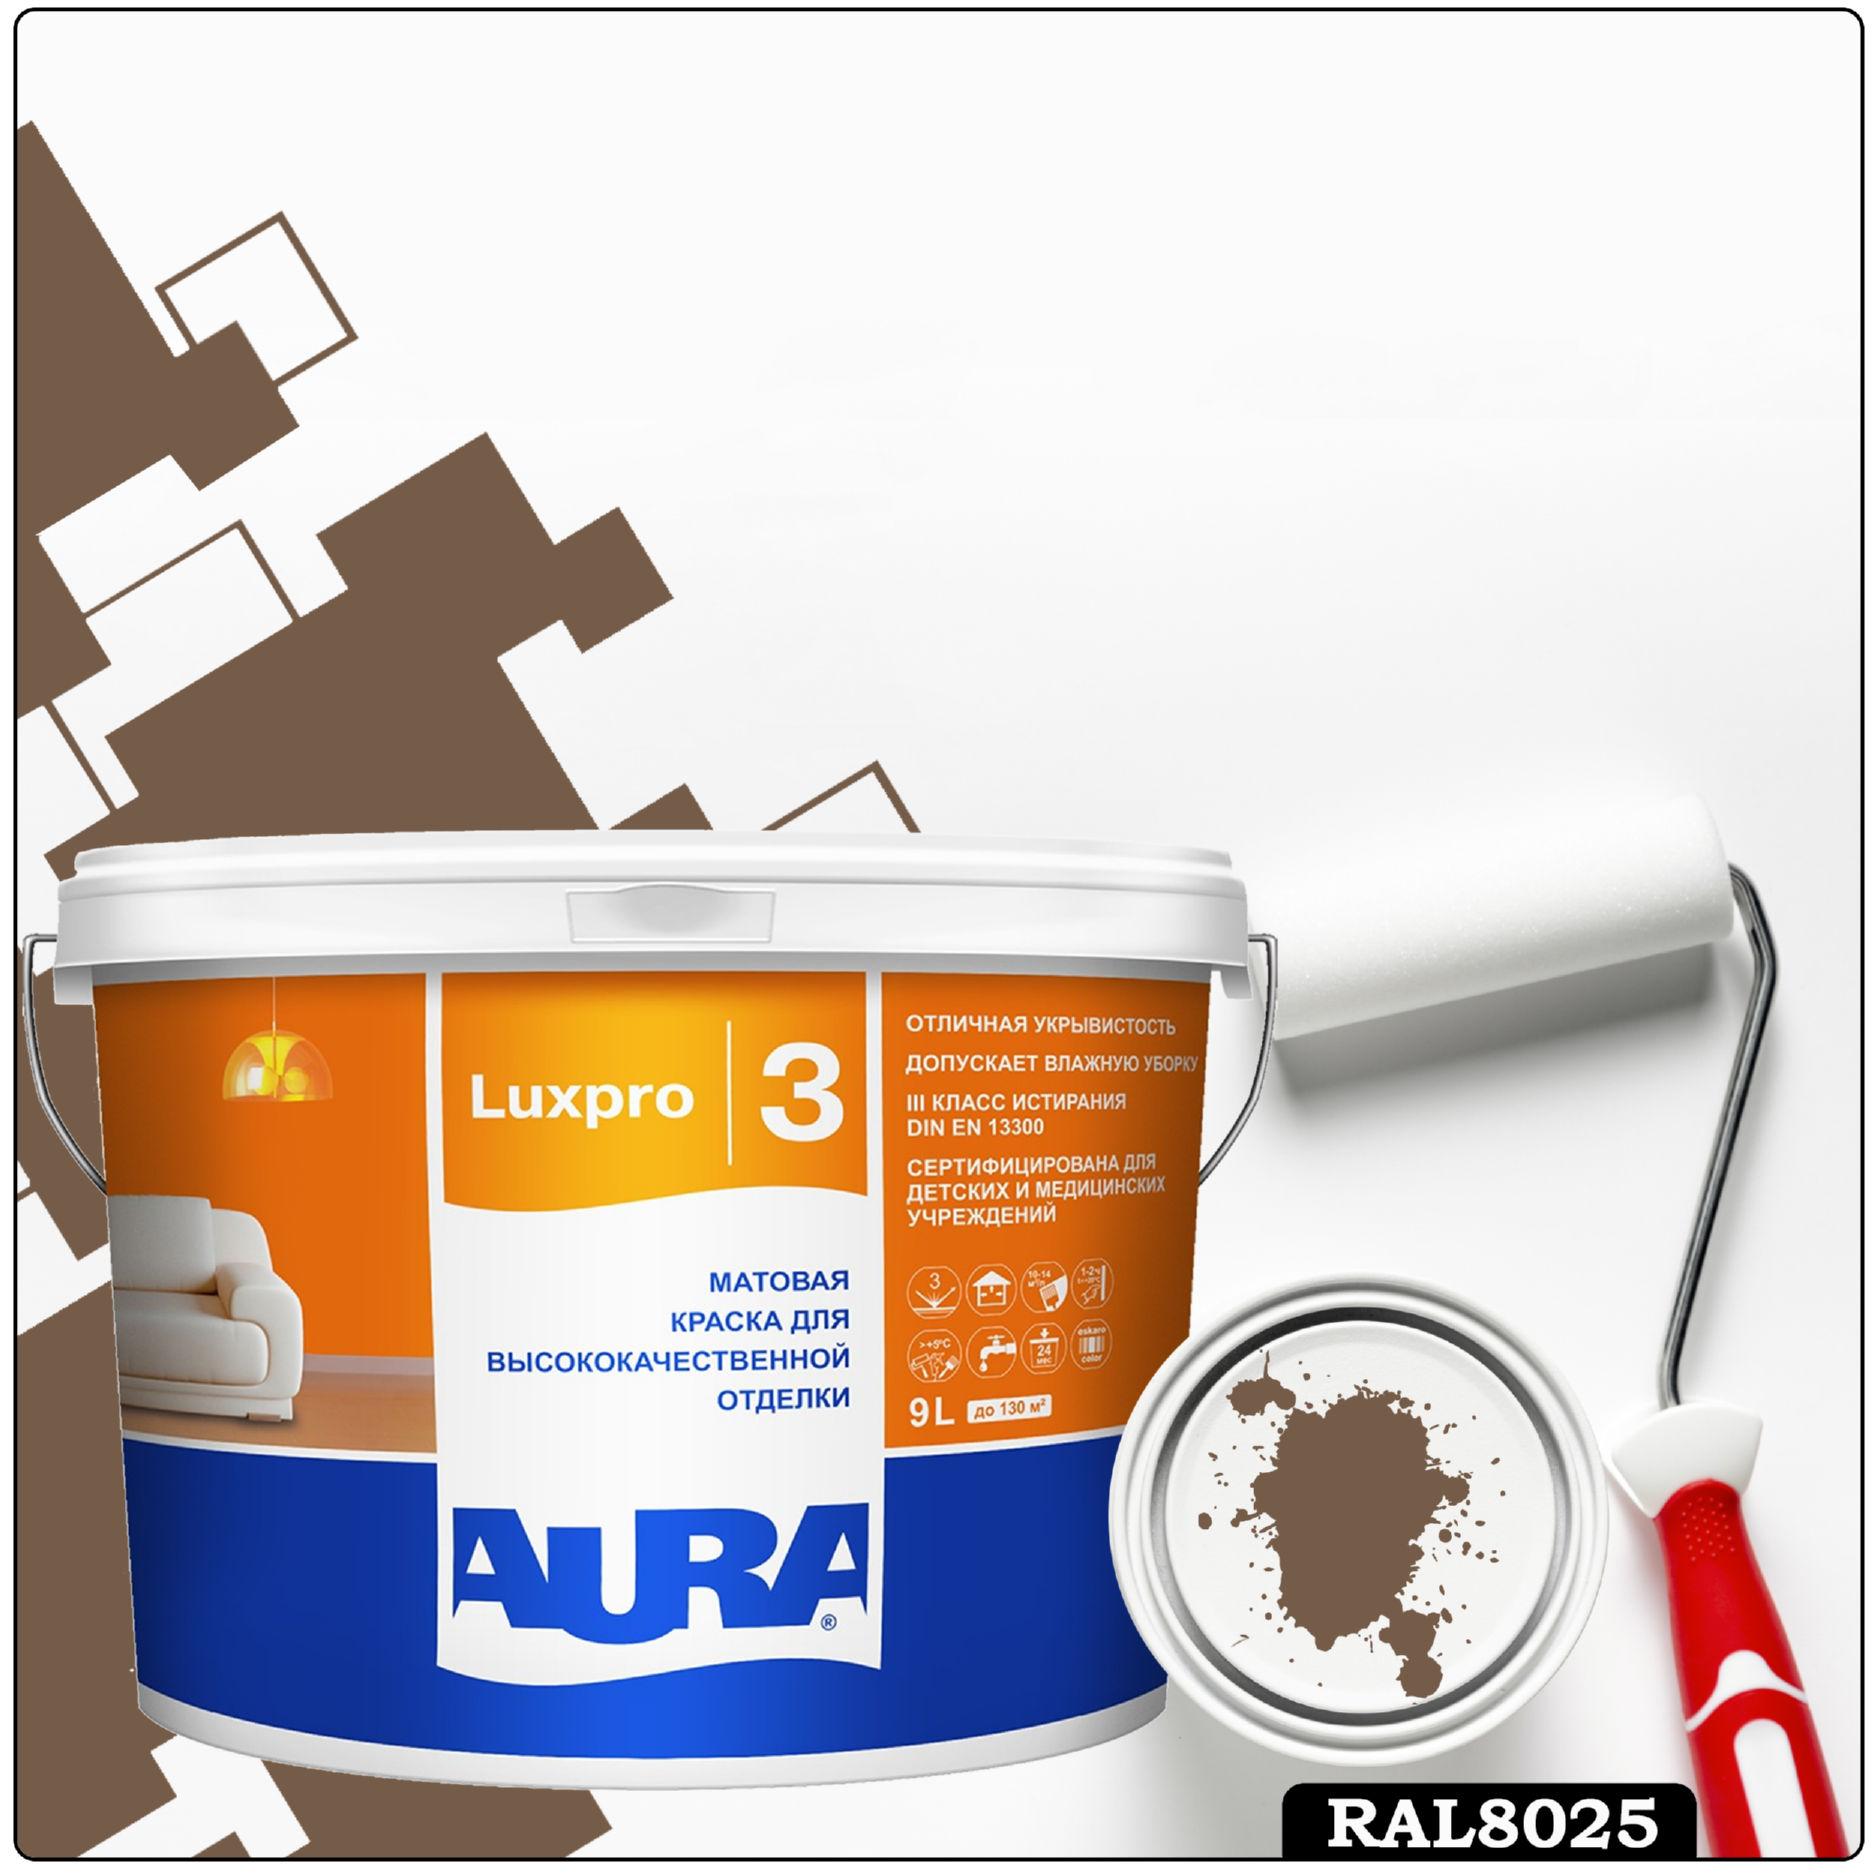 Фото 18 - Краска Aura LuxPRO 3, RAL 8025 Бледно-коричневый, латексная, шелково-матовая, интерьерная, 9л, Аура.